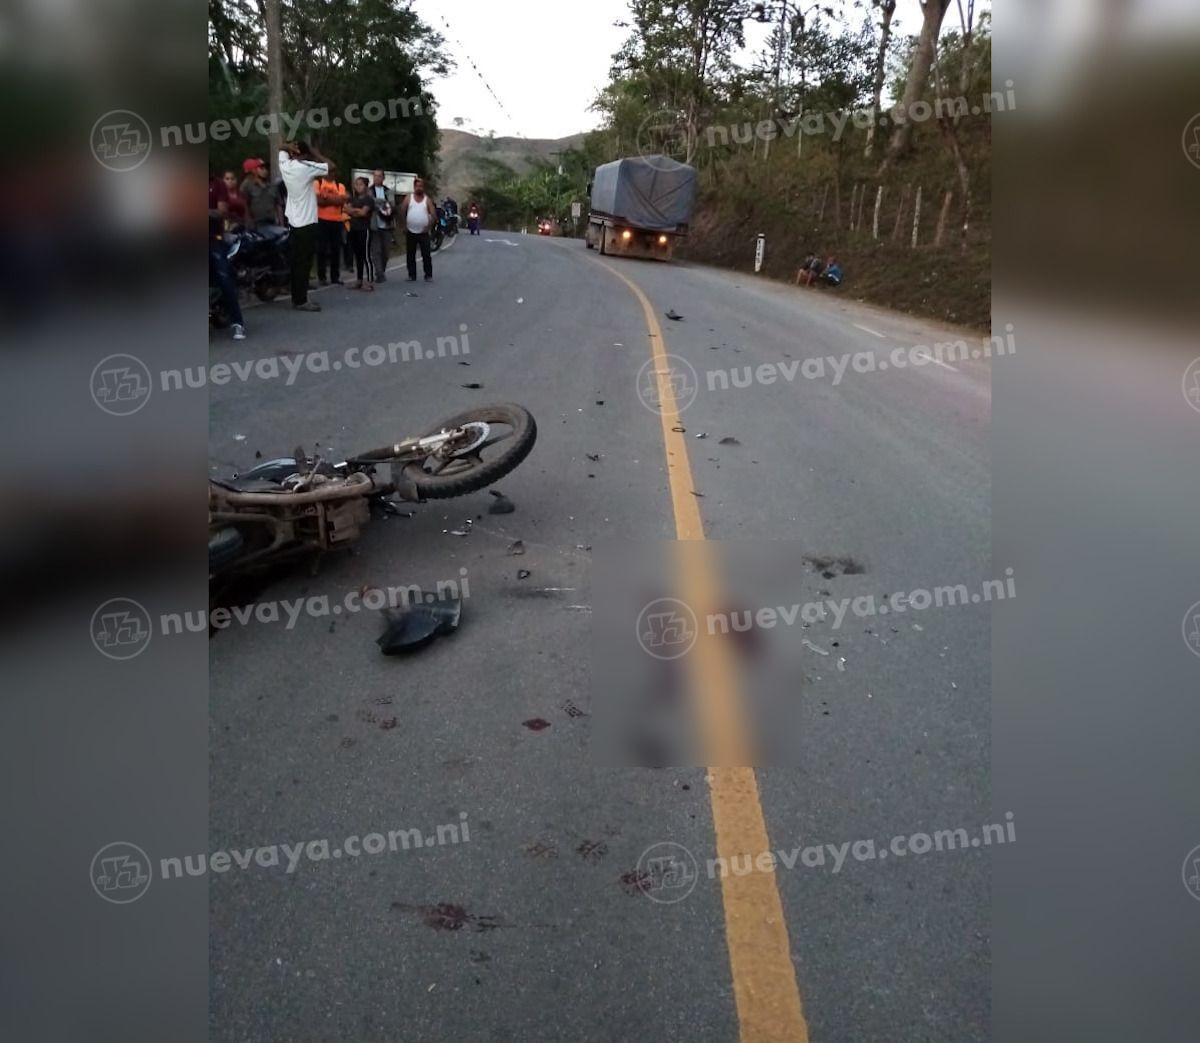 El accidente ocurrió el sábado en la comarca La Marañosa